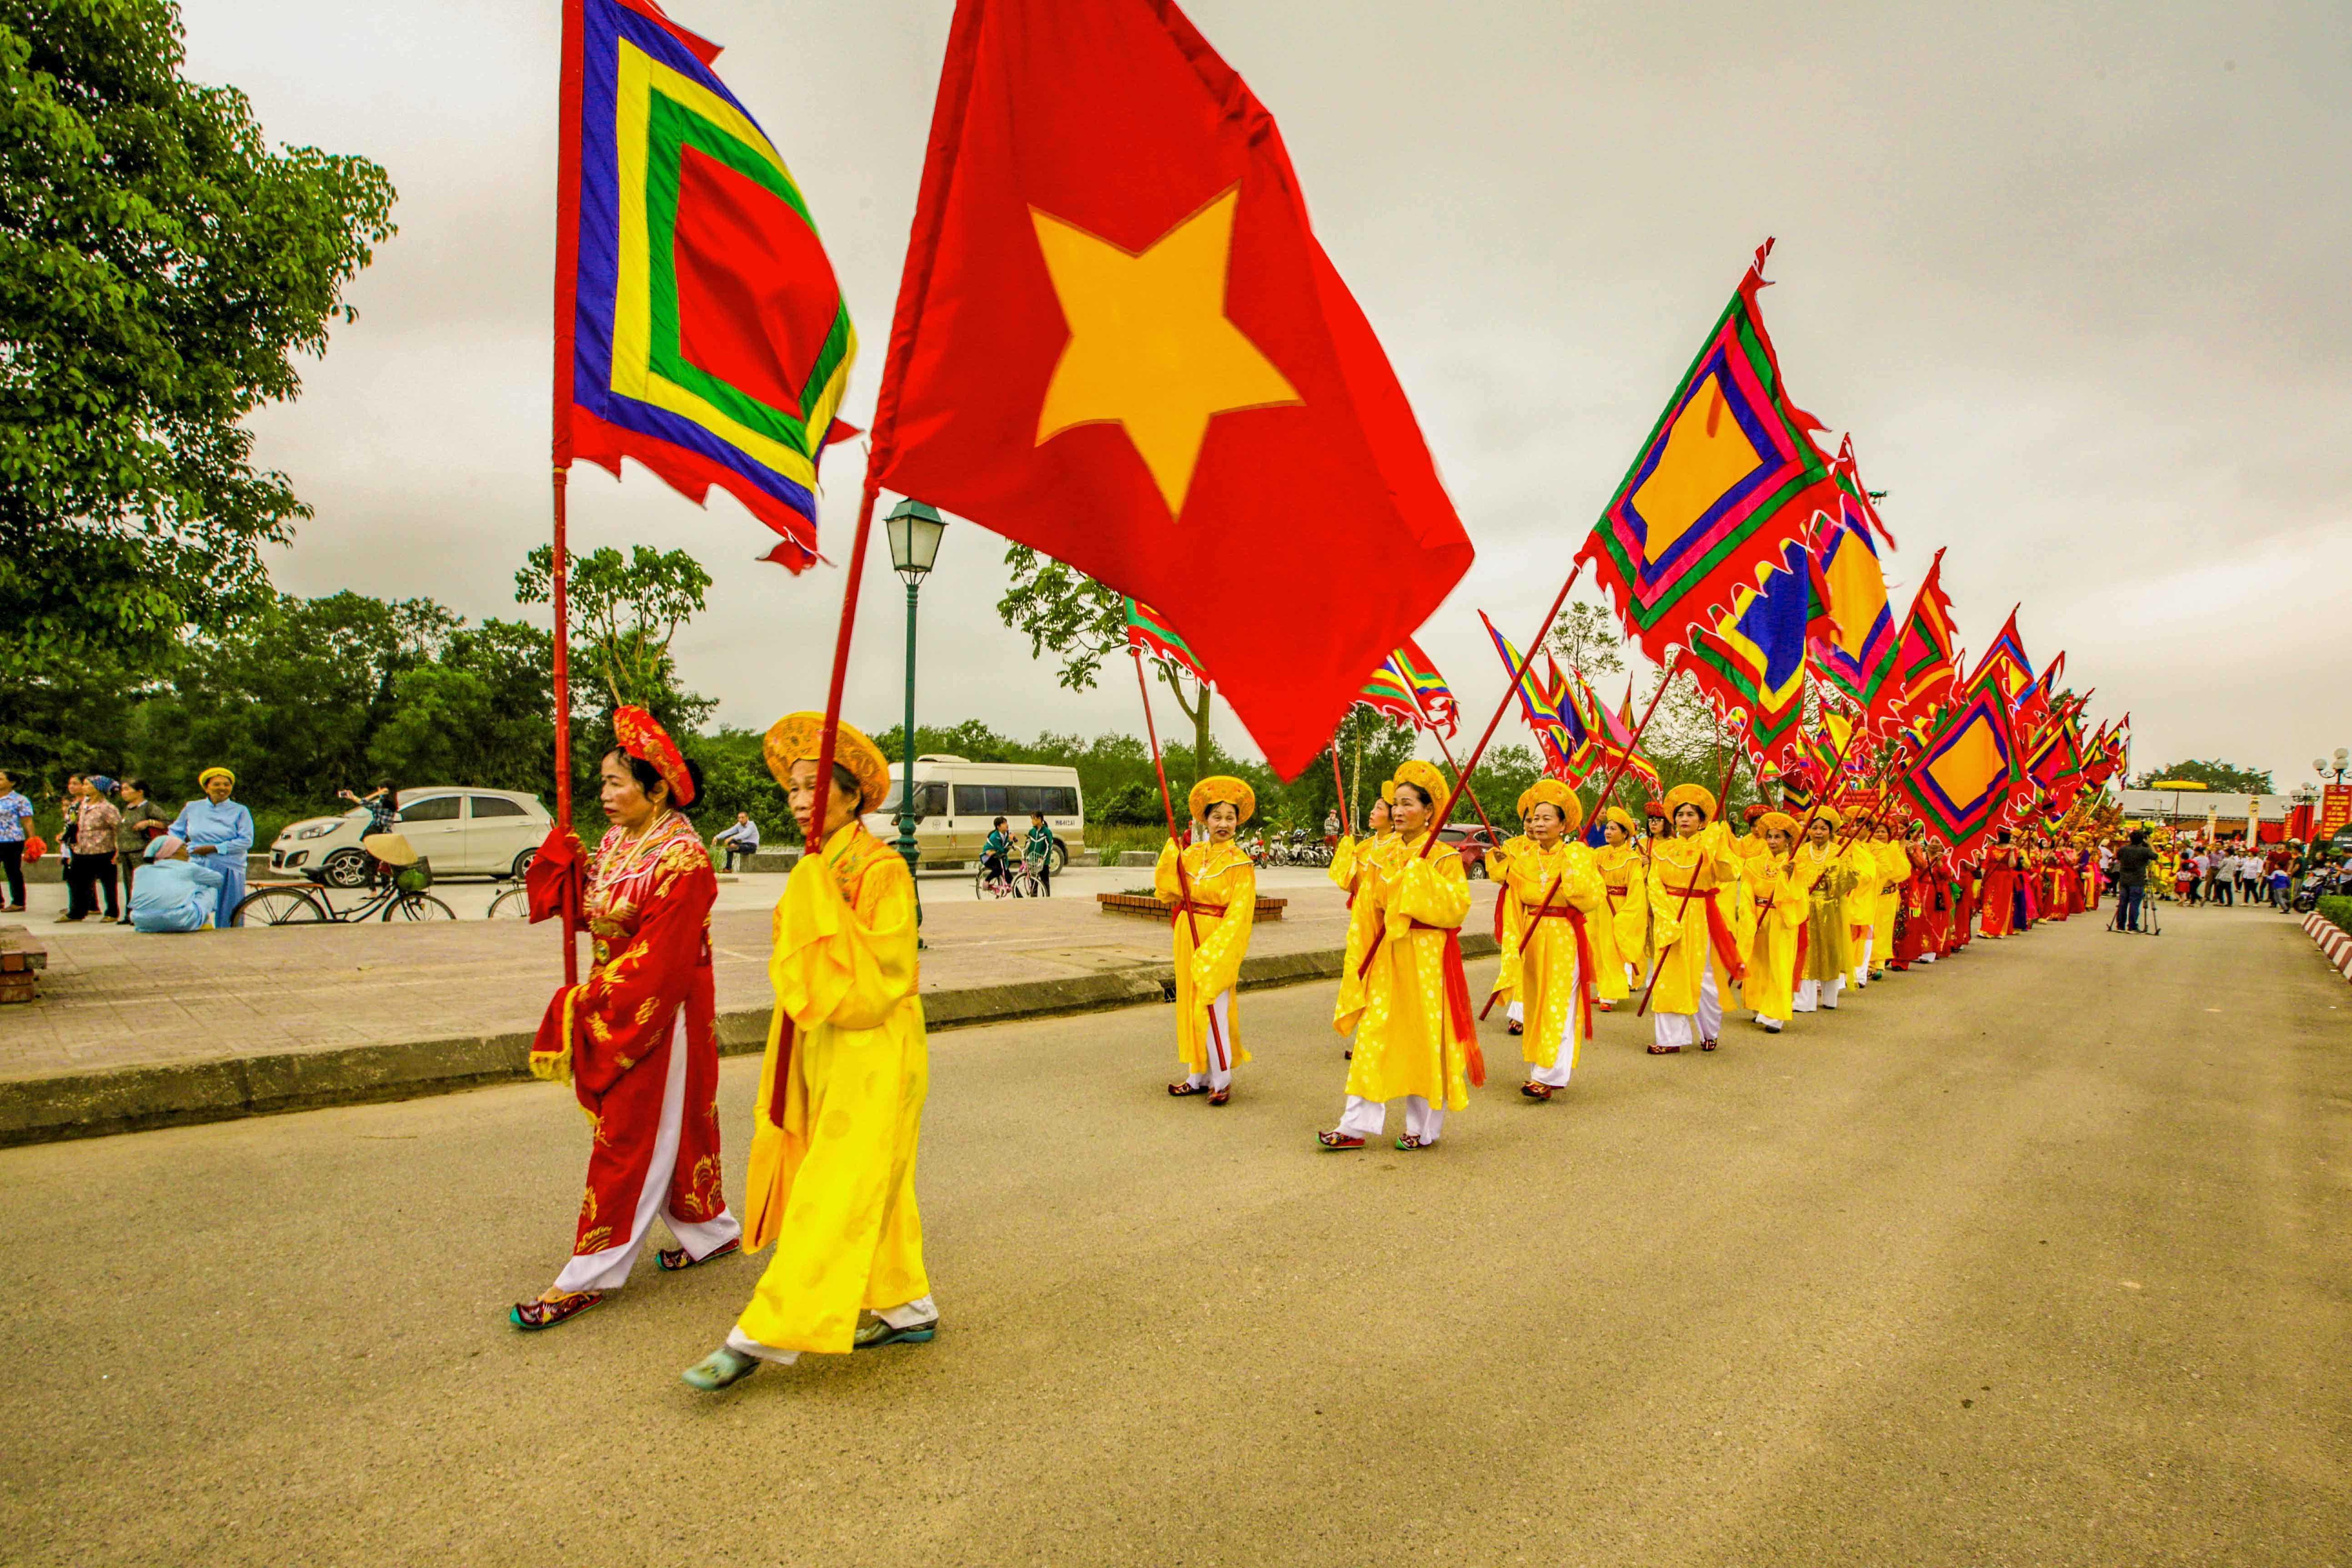 Quảng Ninh: Khai mạc Lễ hội truyền thống Bạch Đằng năm 2021 vào ngày 18/4